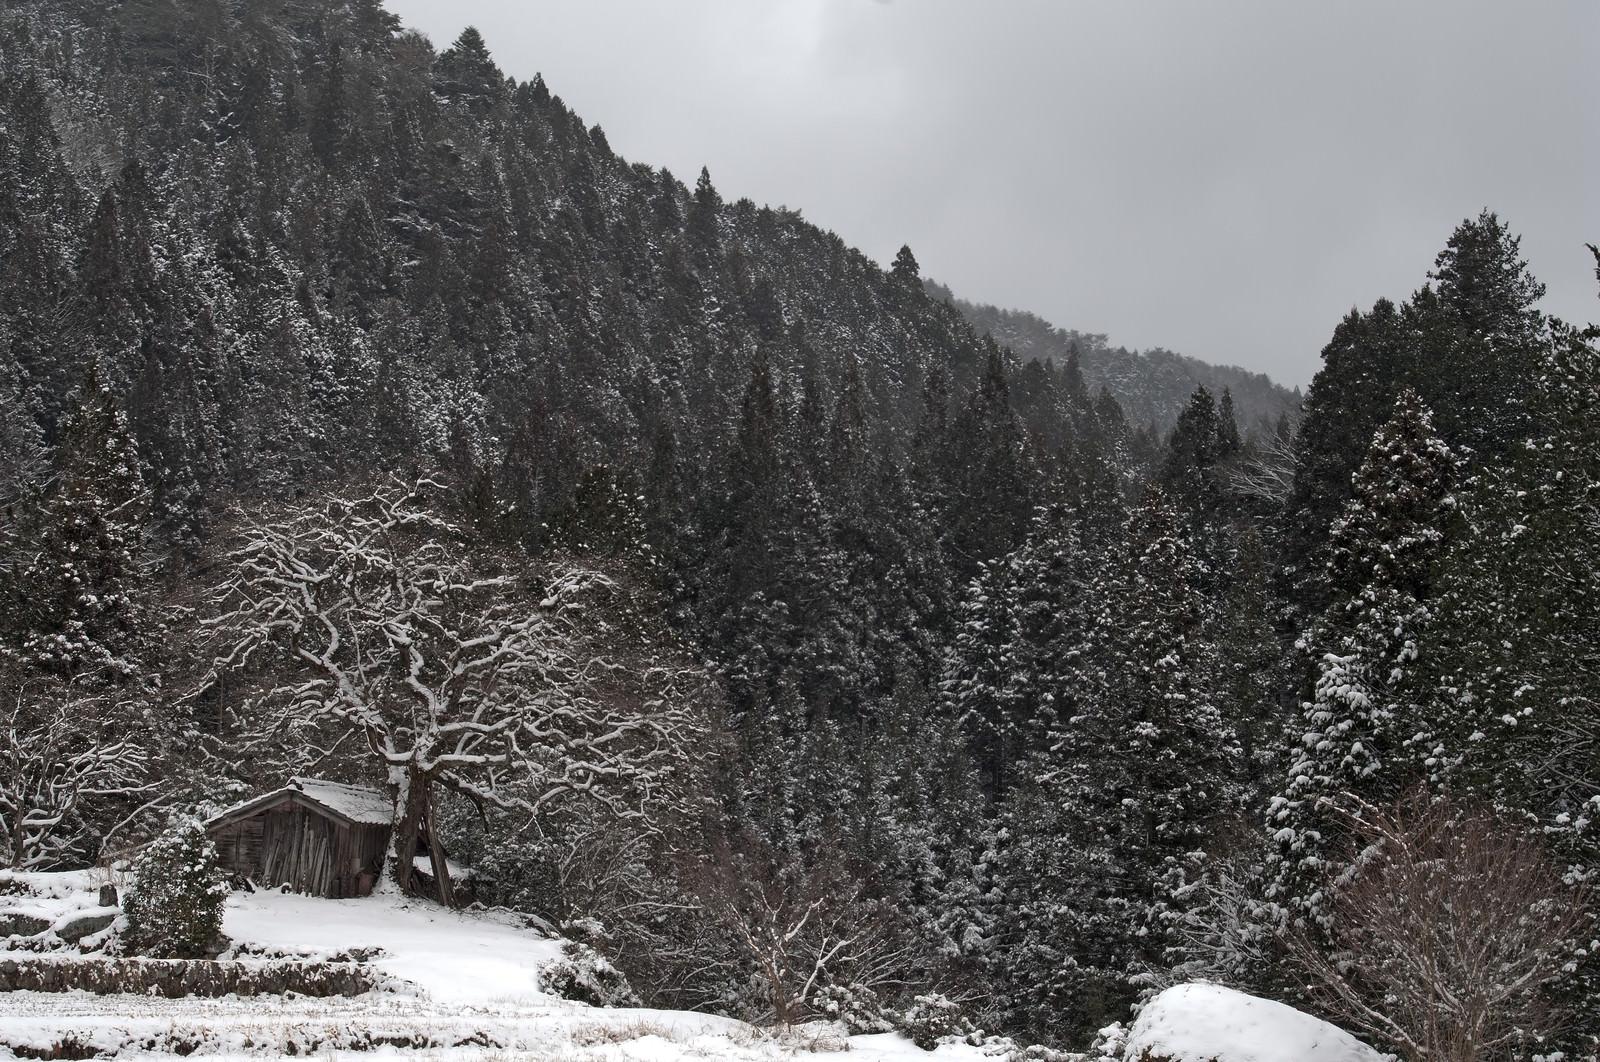 「雪が積もる根羽村の老いた柿の木と古い小屋」の写真